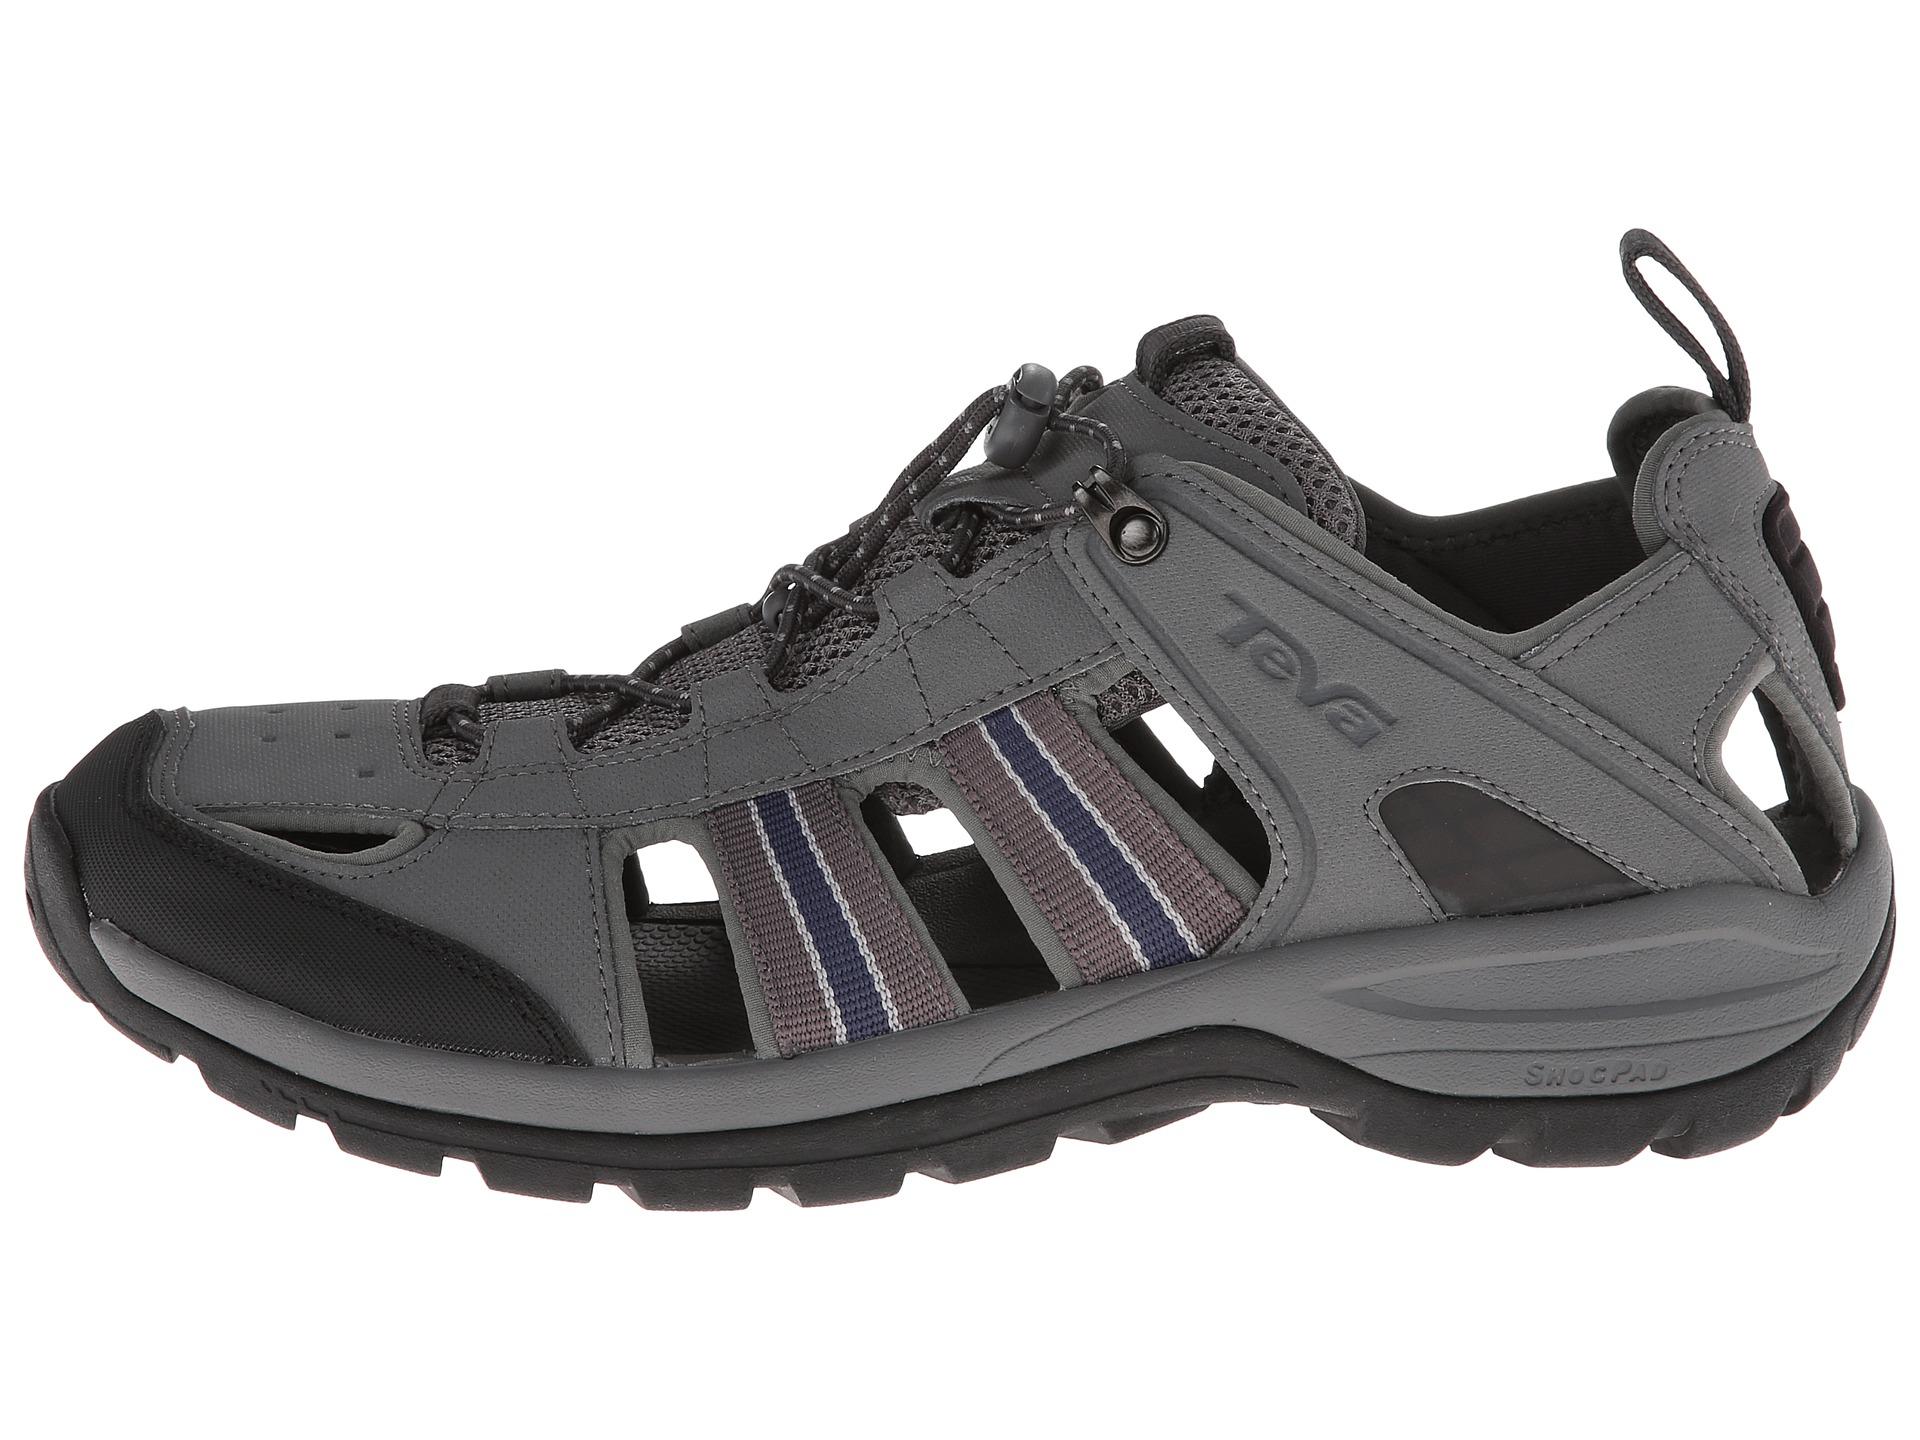 6260e3222d887 Lyst - Teva Kimtah Sandal in Gray for Men